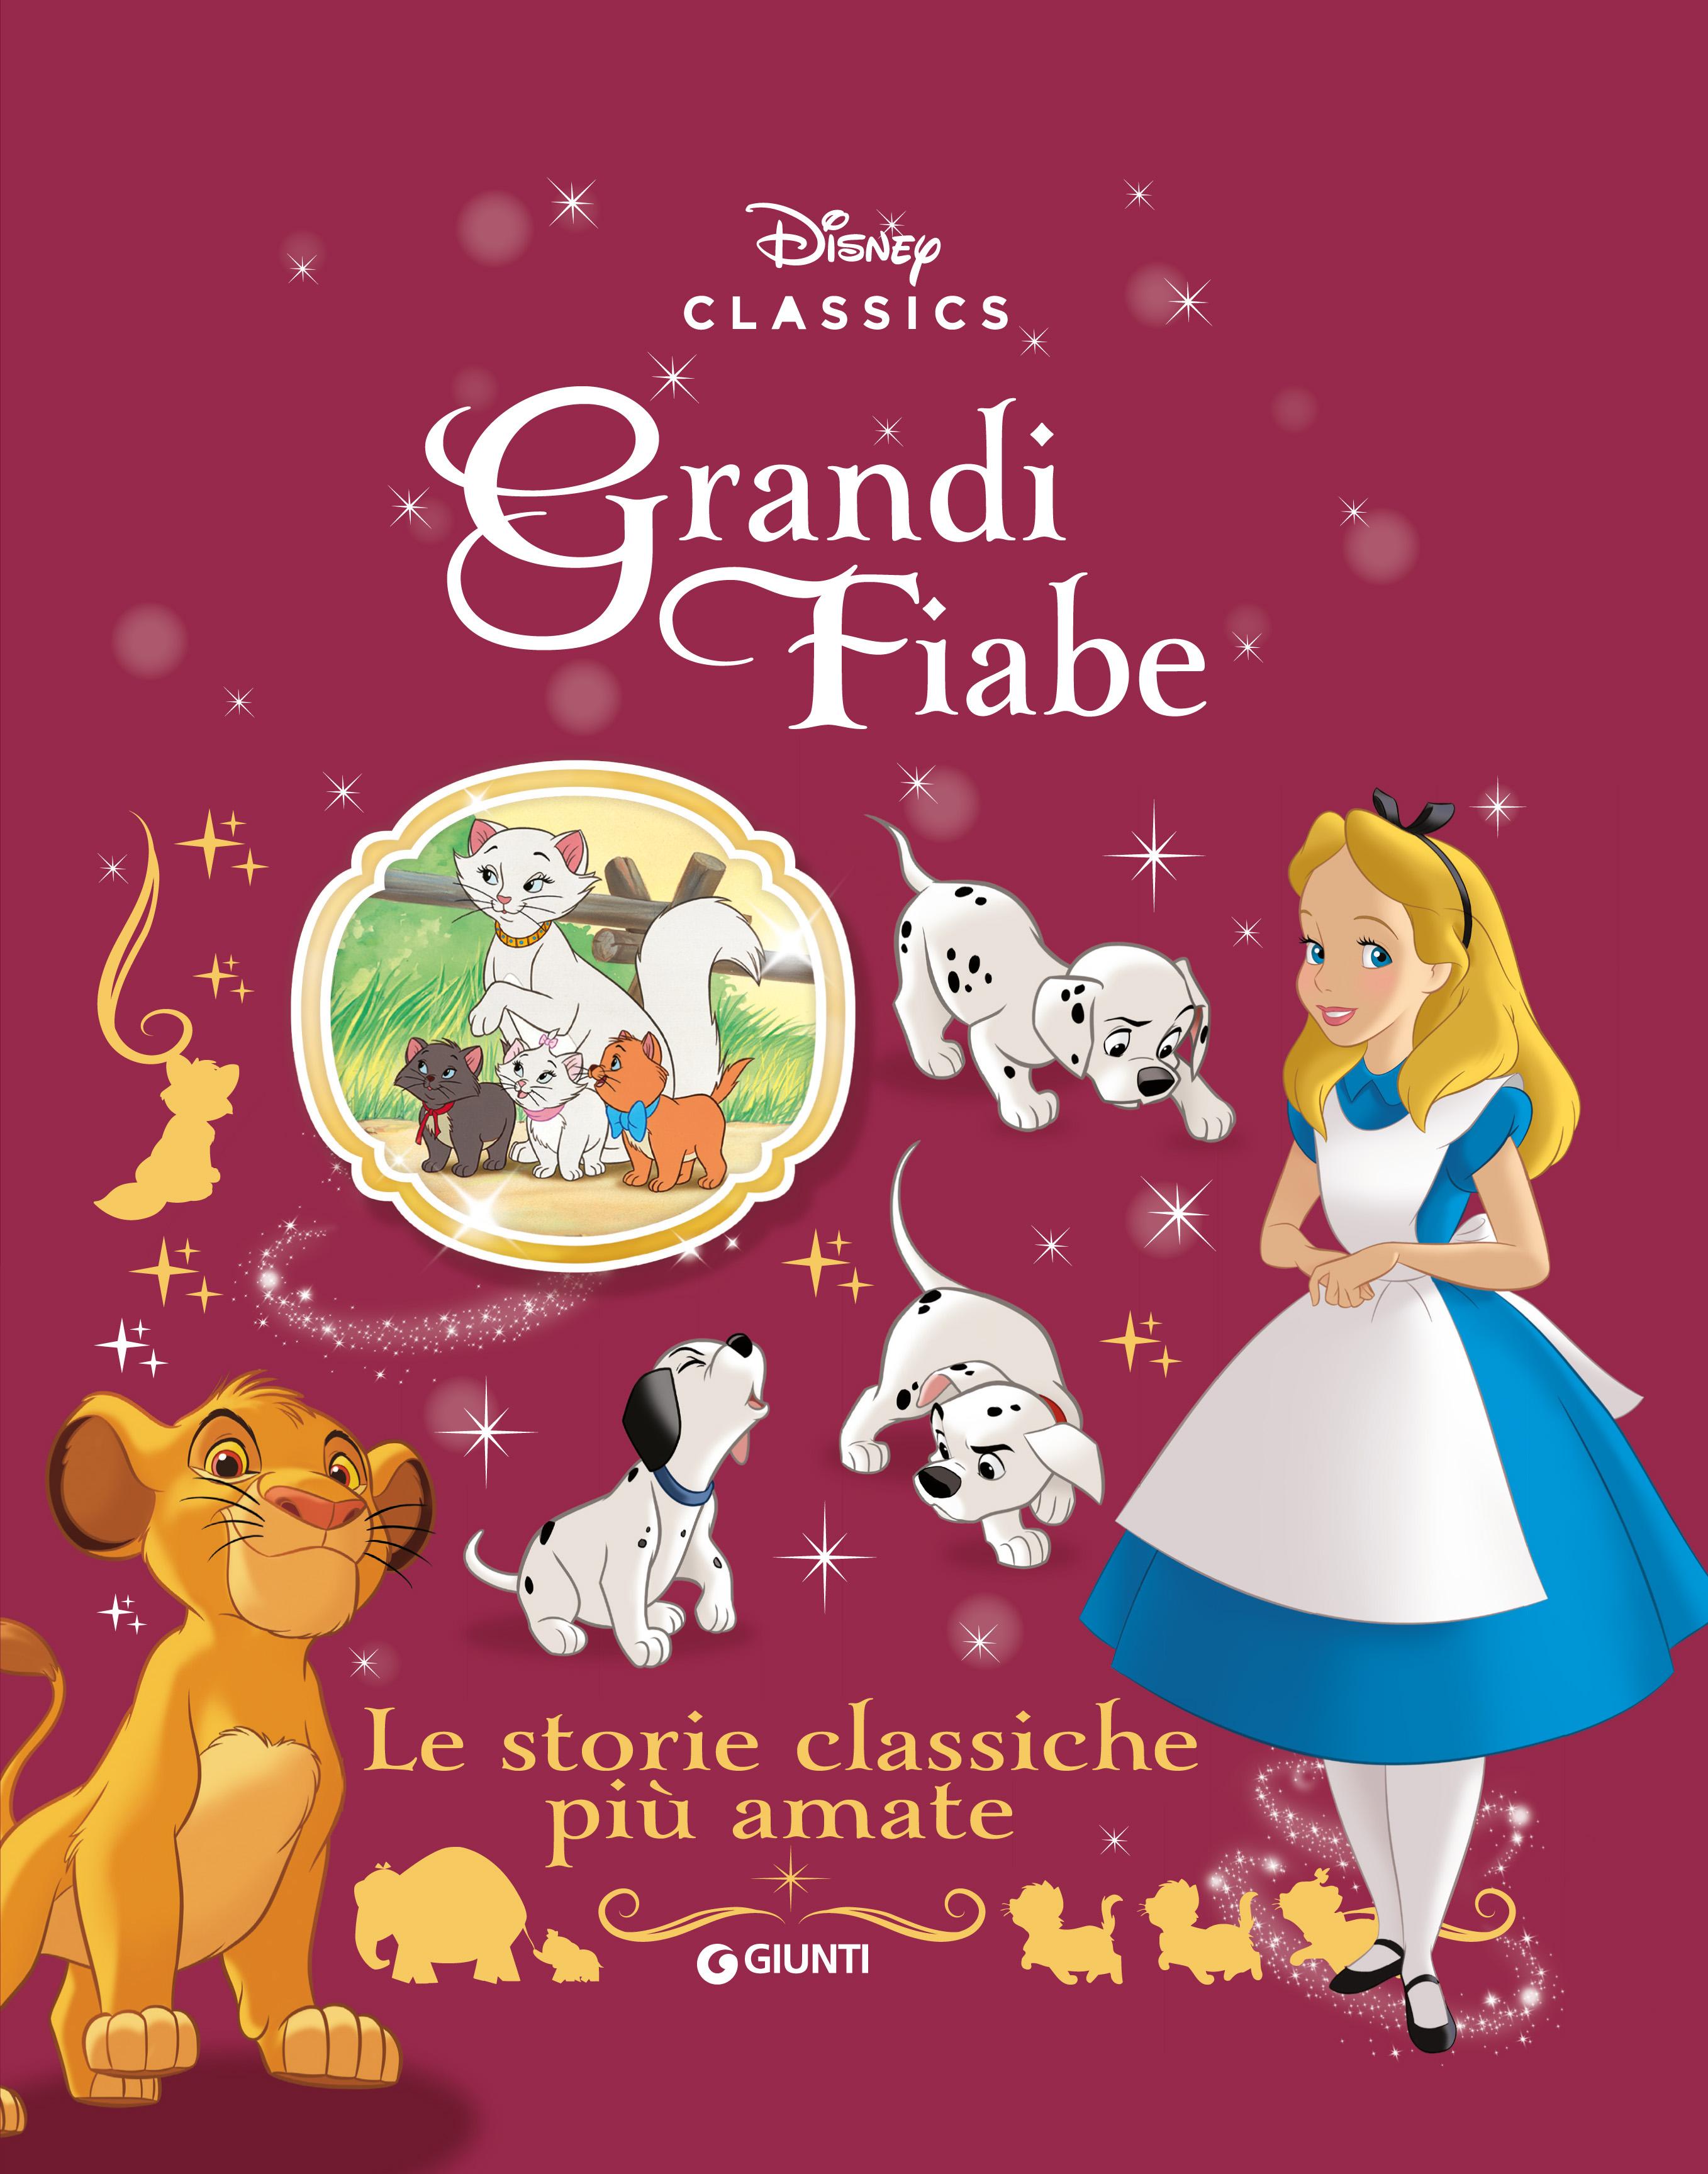 Le storie classiche più amate Grandi Fiabe Disney